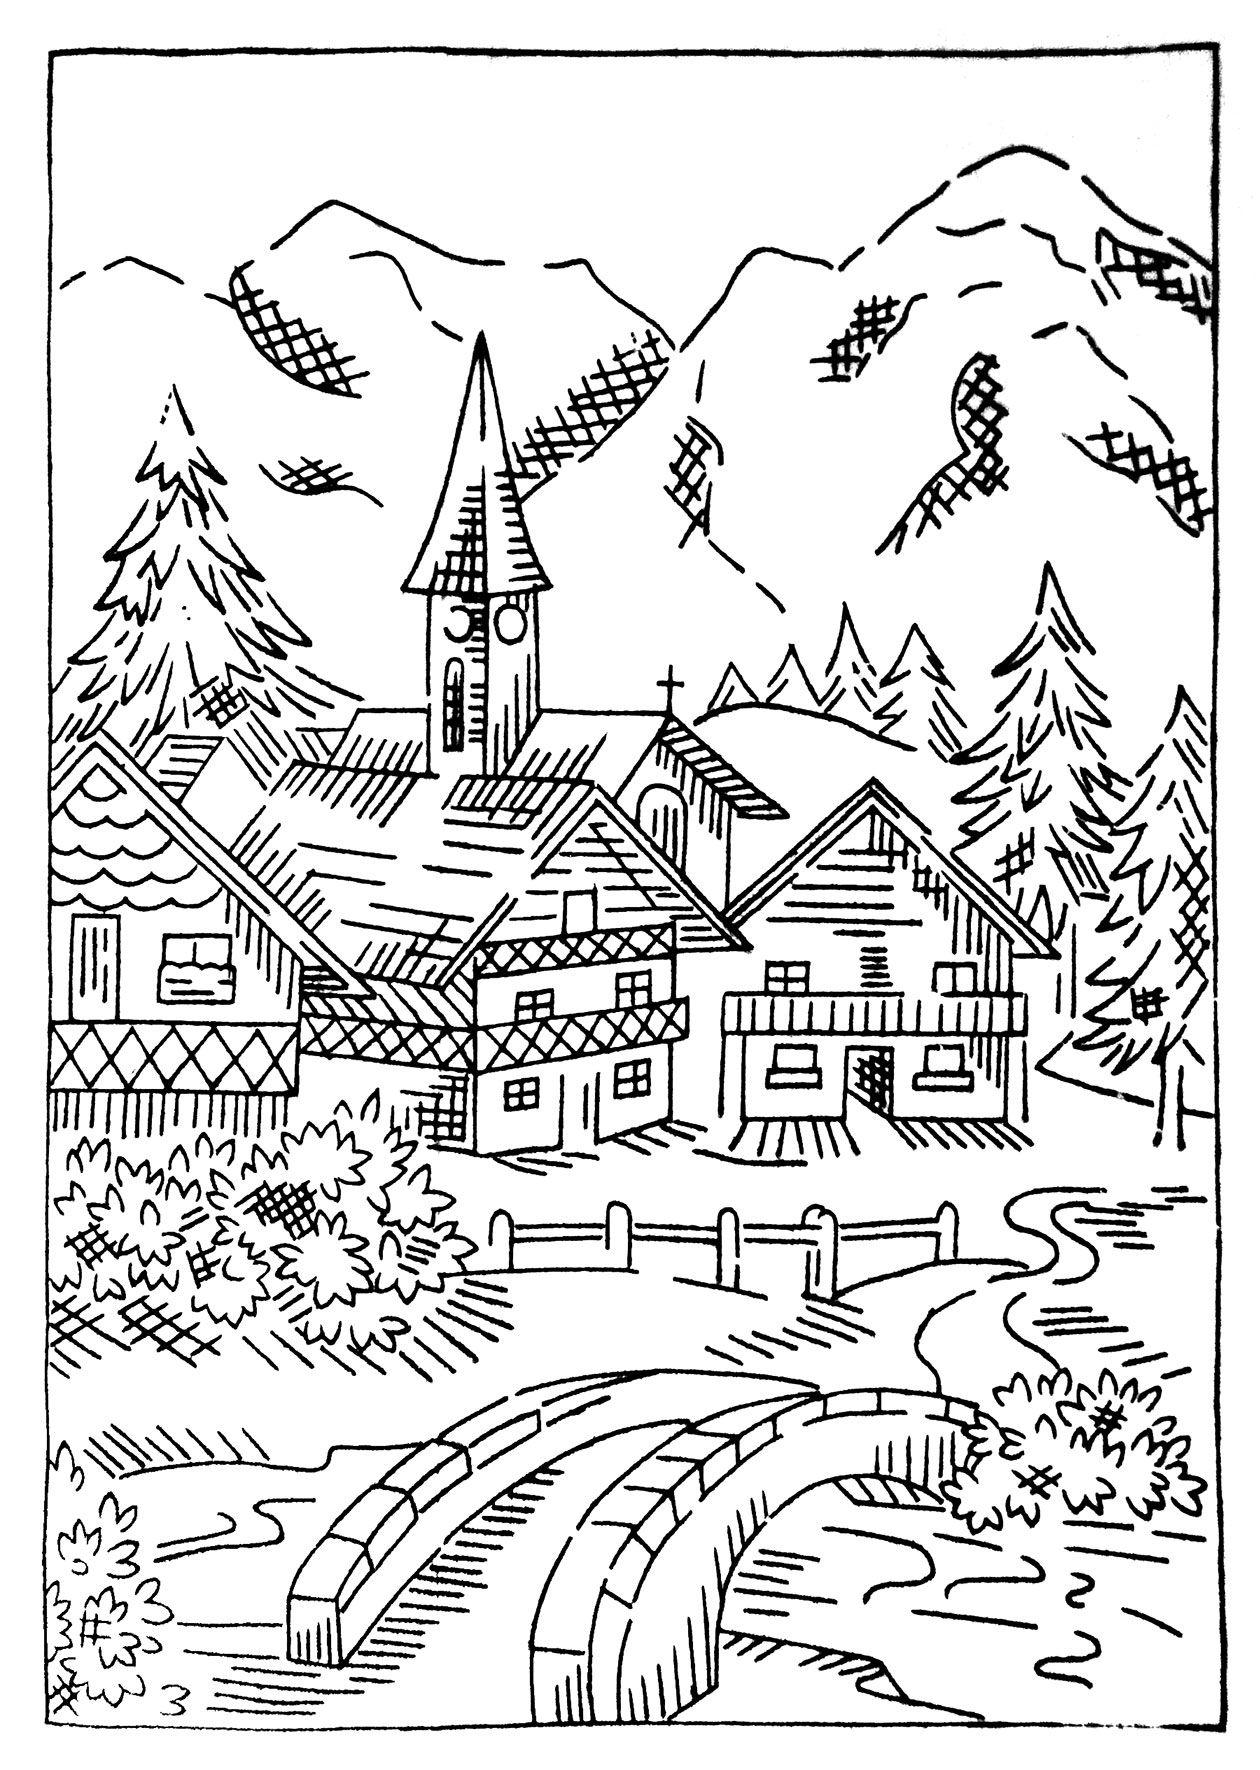 Los patrones de bordado - Página 9 - Q es para Quilter | mandalas ...